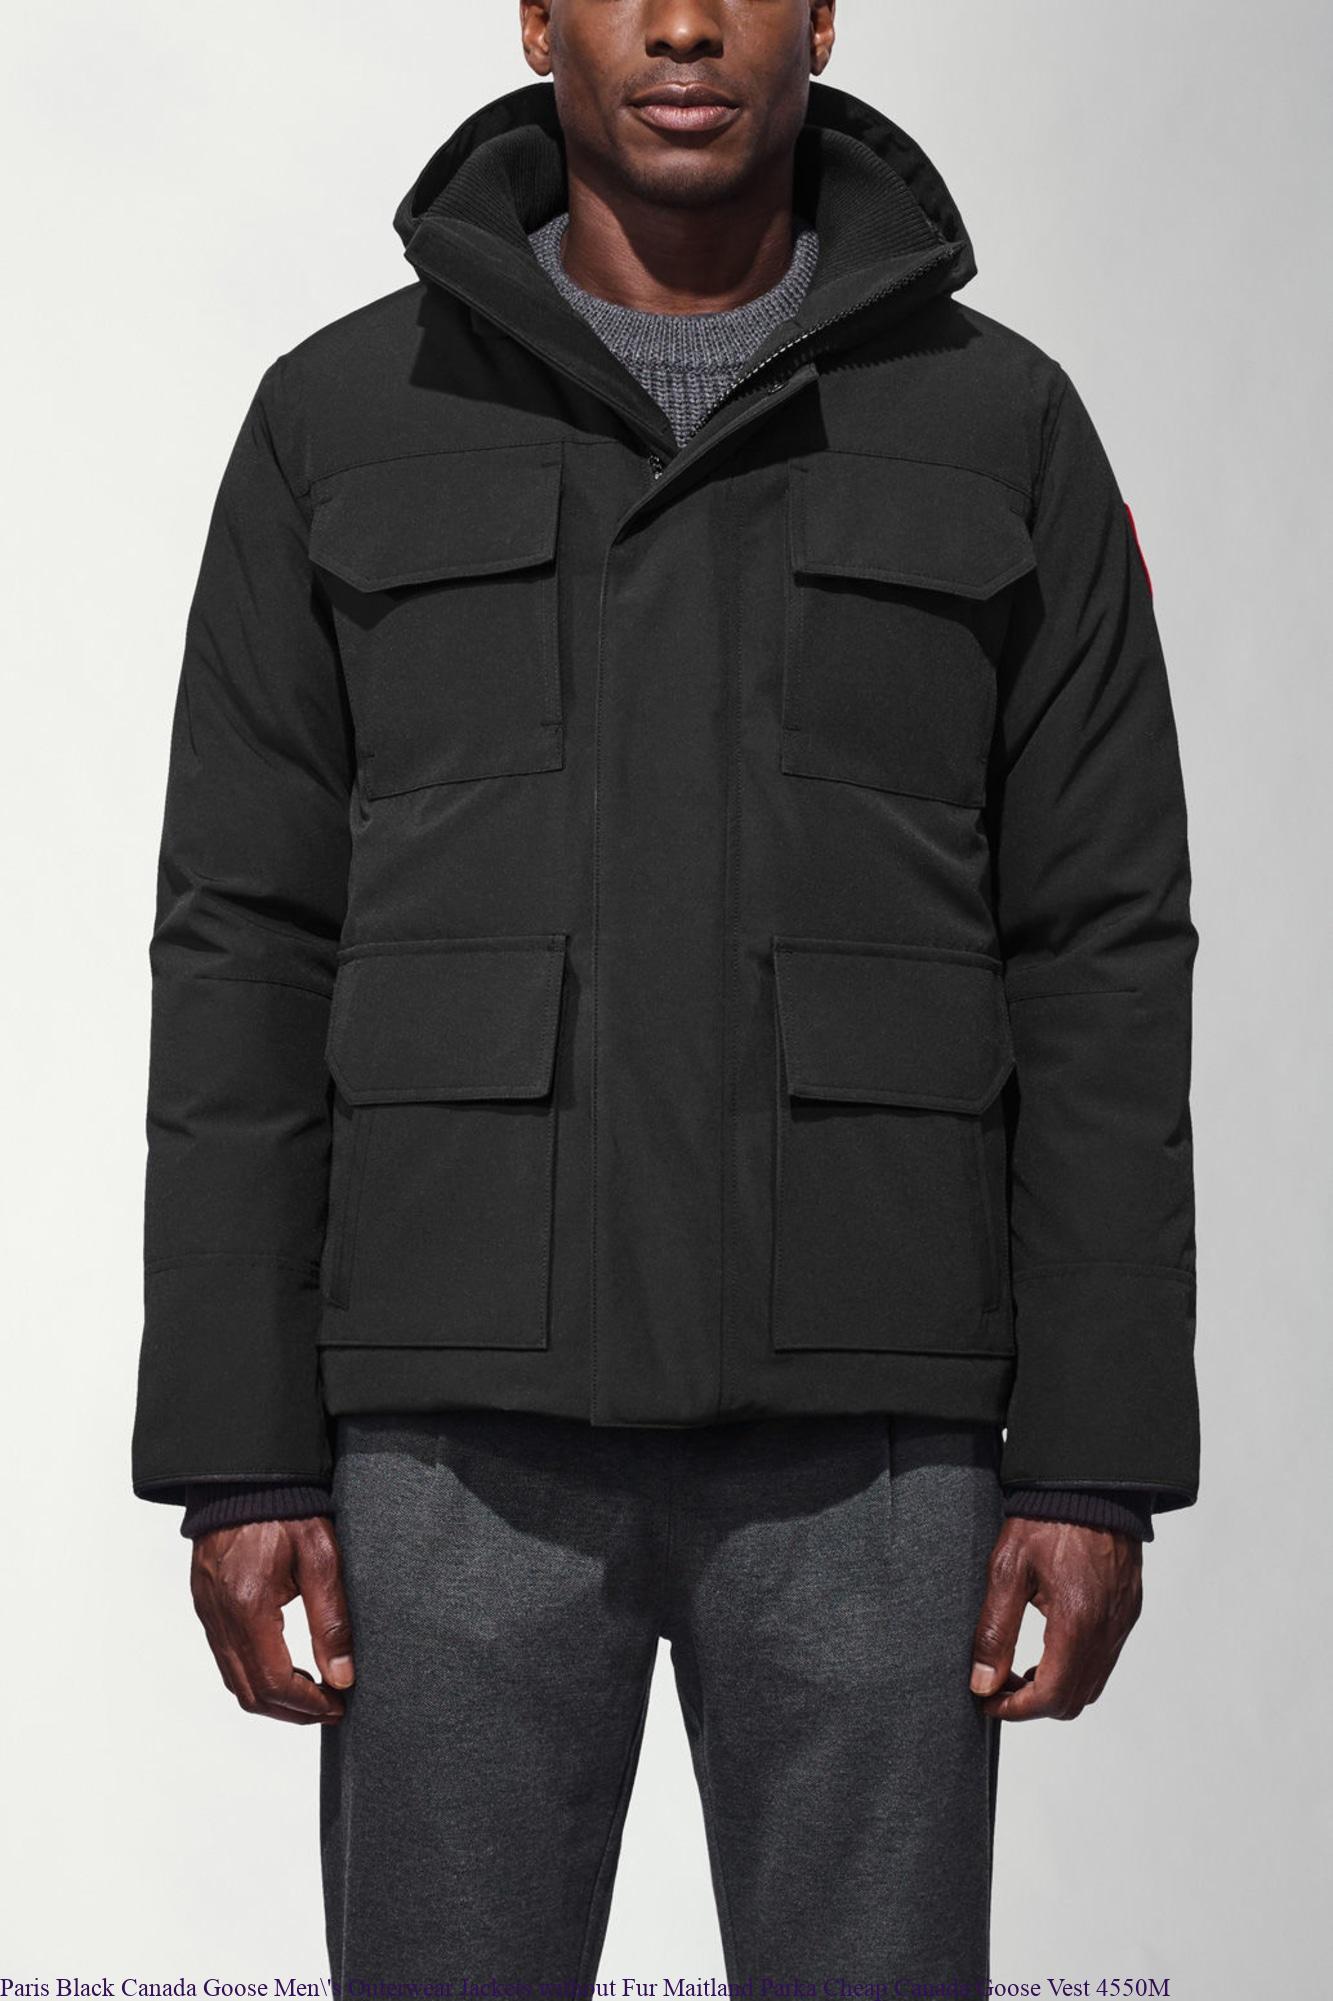 Paris Black Canada Goose Men S Outerwear Jackets Without